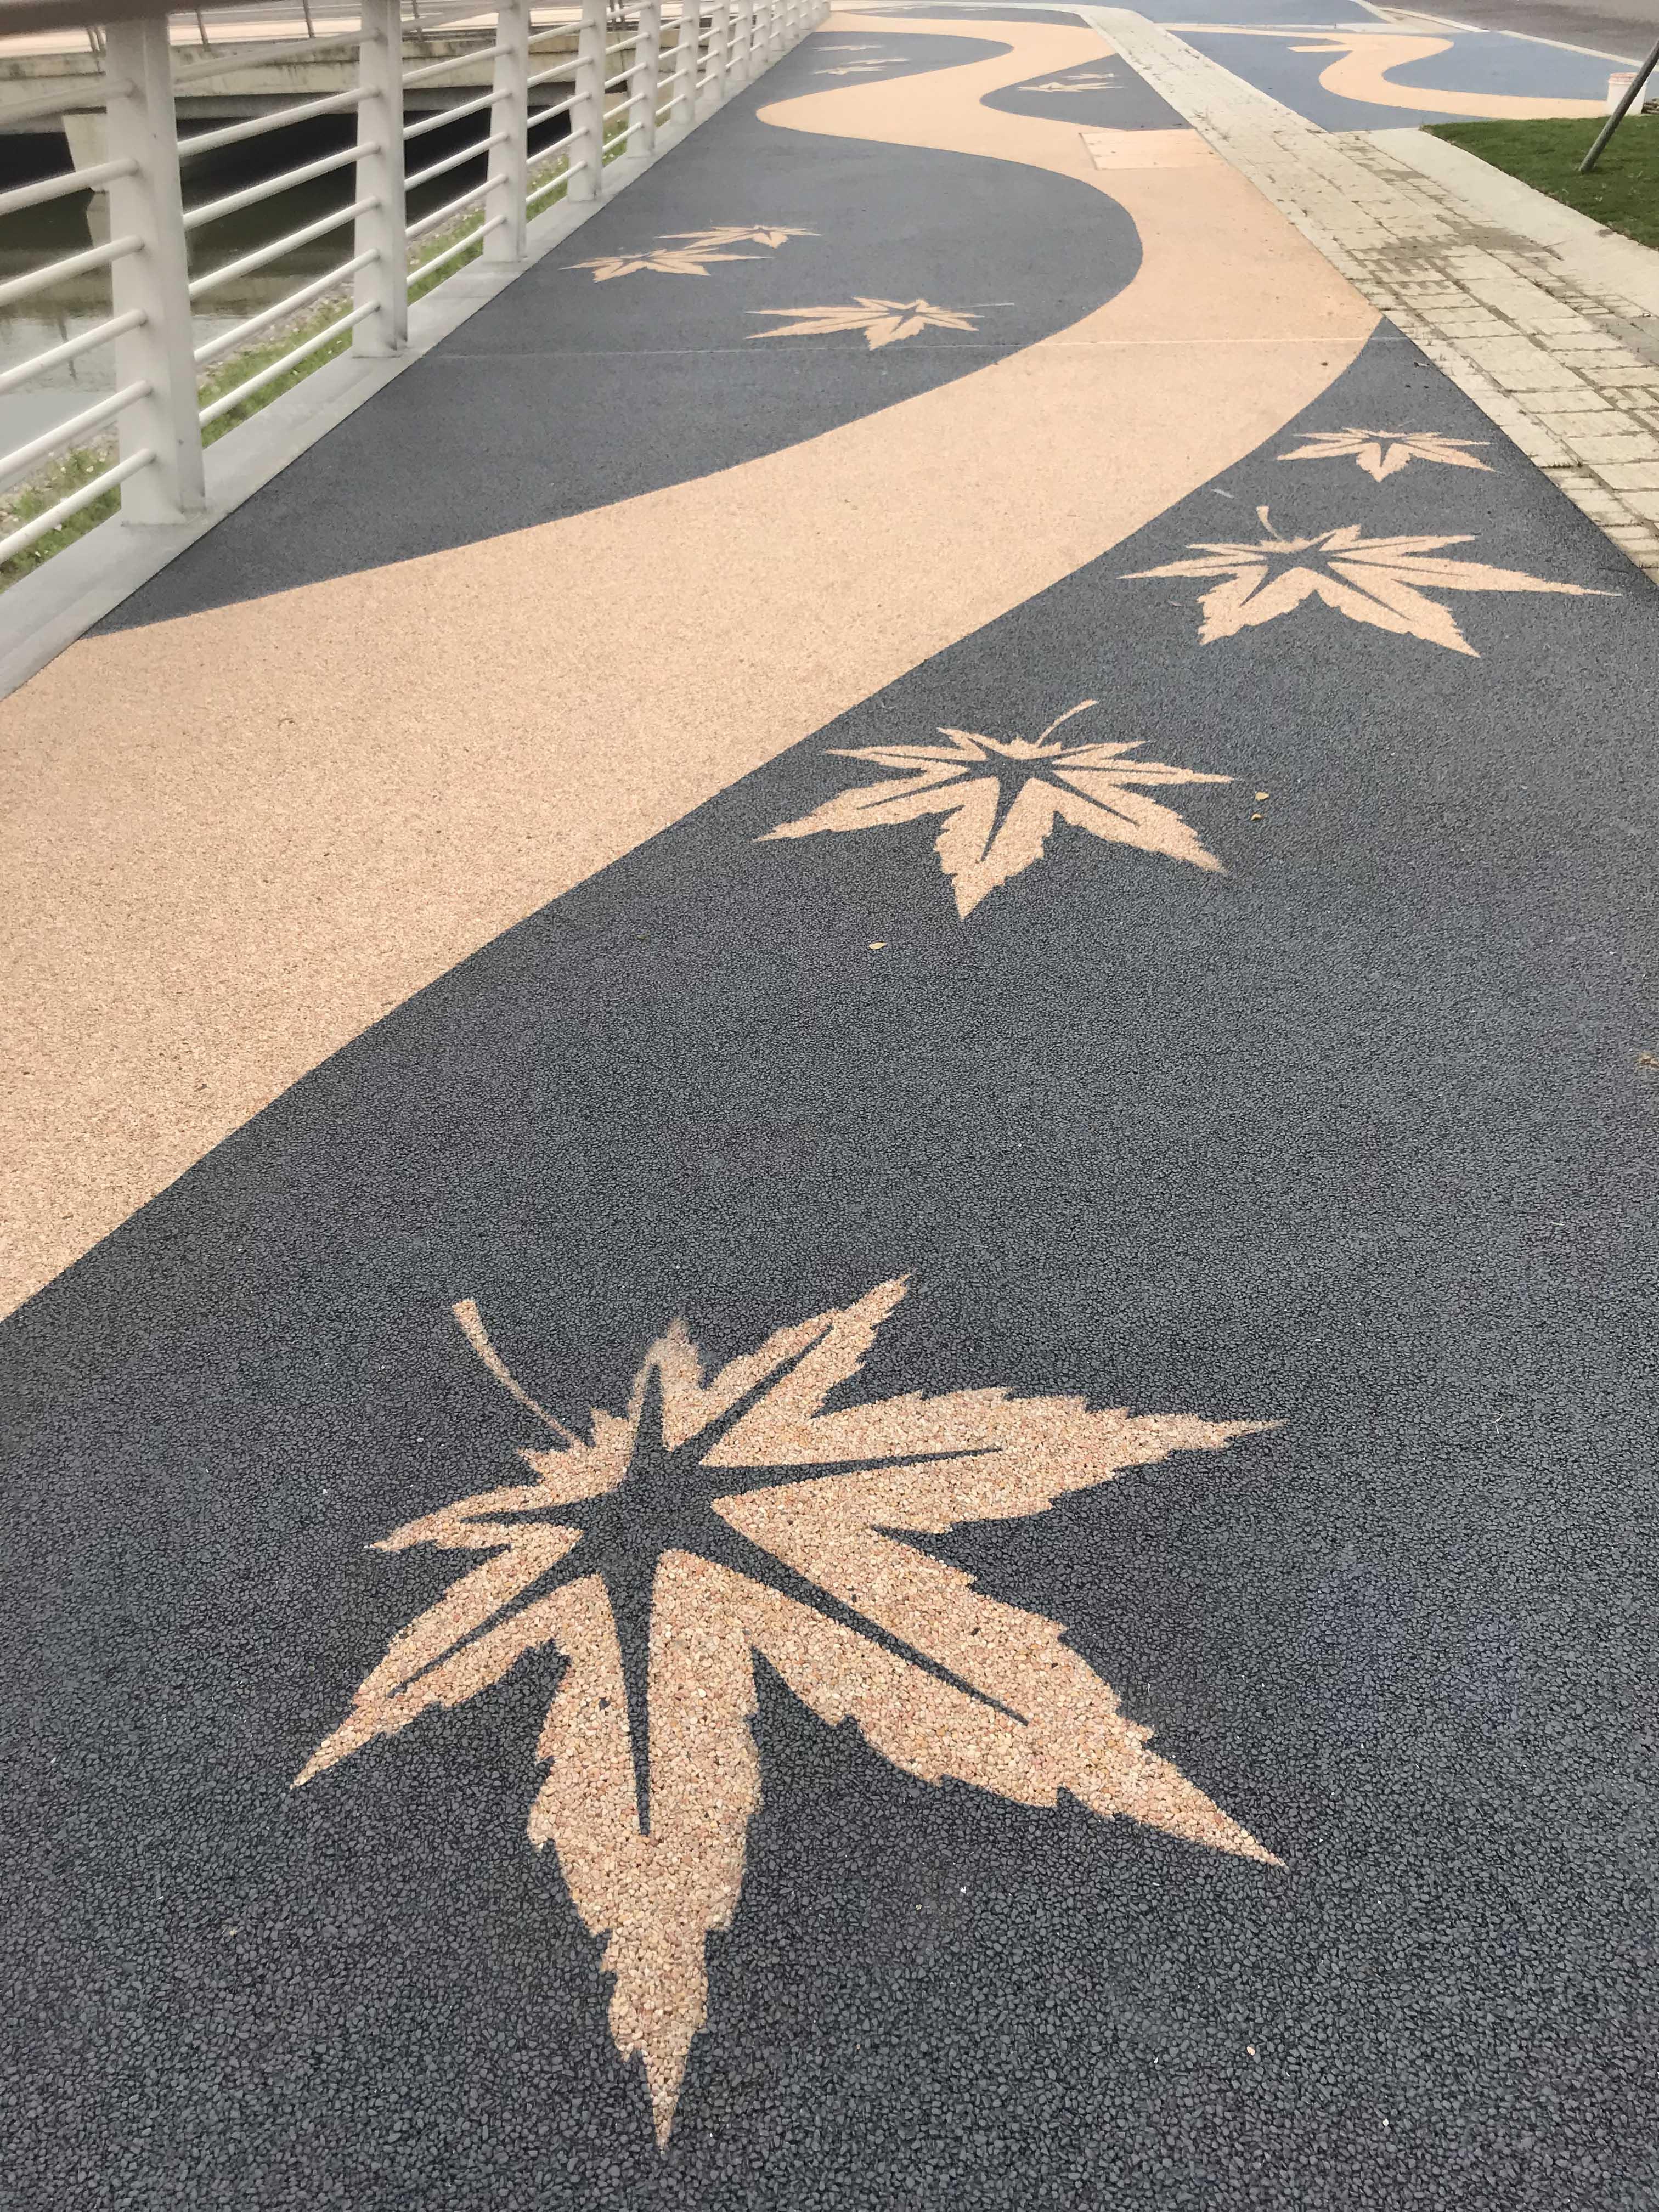 自发光景观路面,透水混凝土彩色路面等各种户外彩色路面材料的综合性